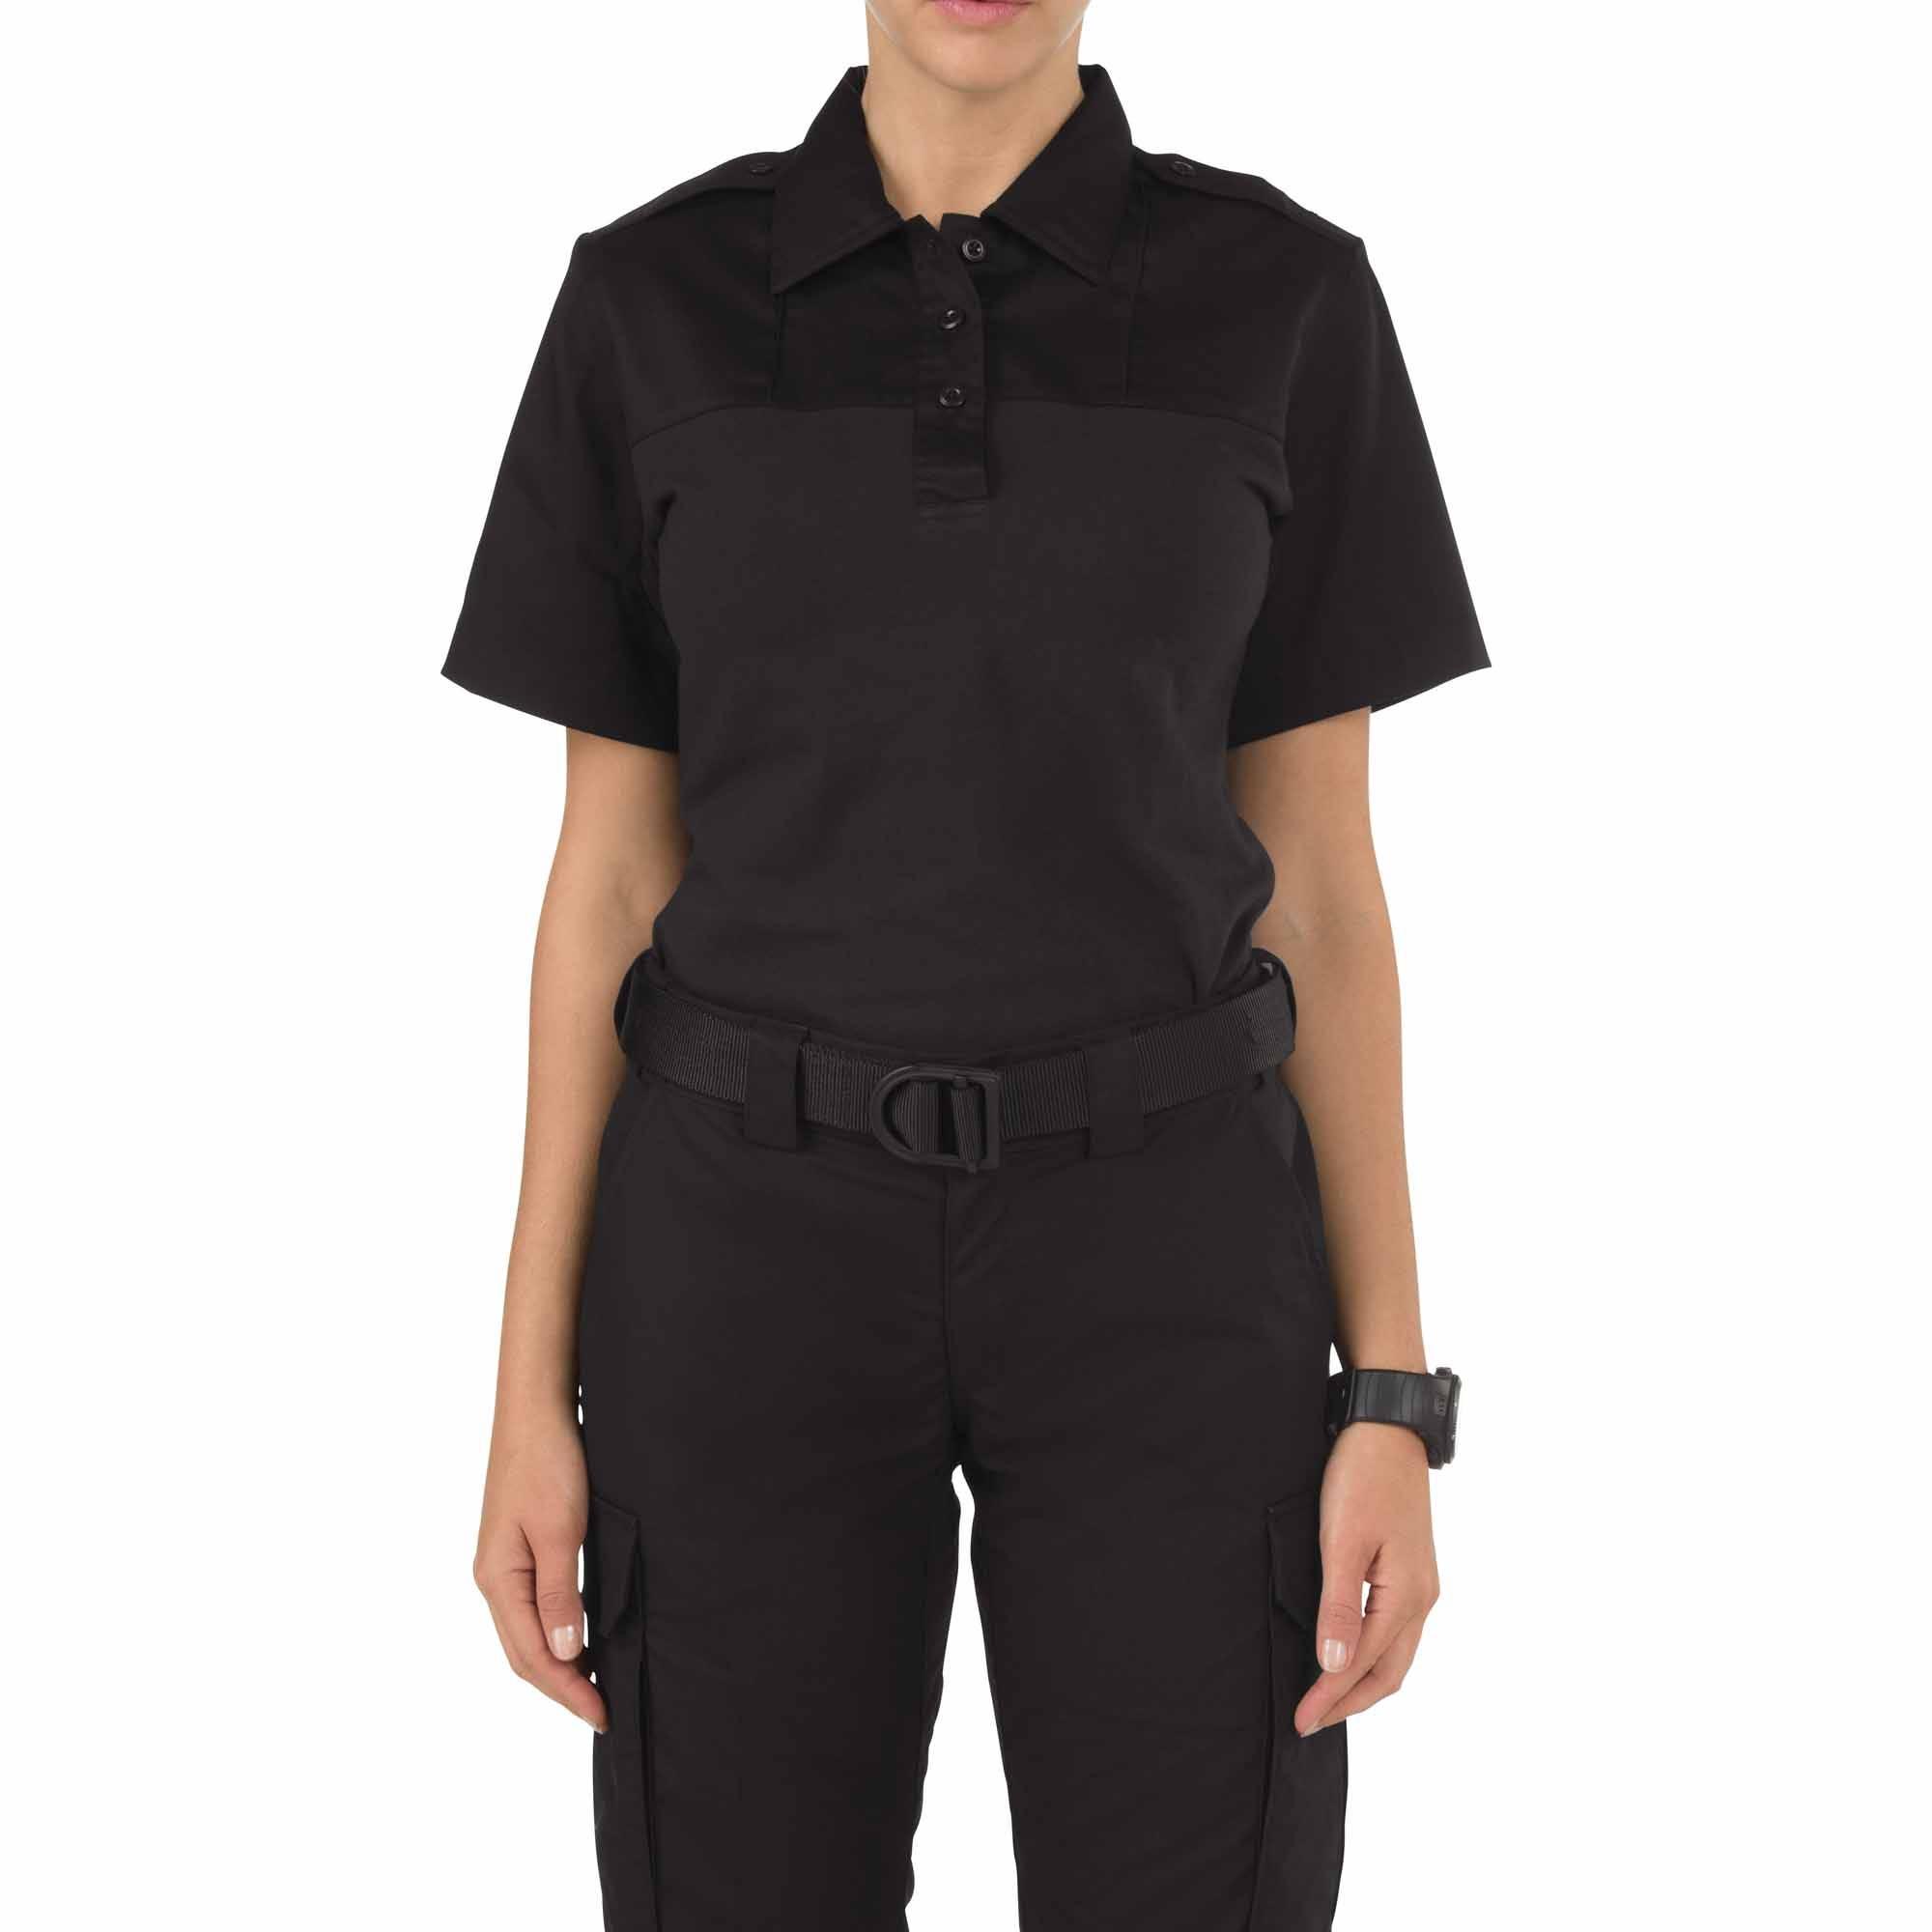 5.11 Tactical Women's Rapid PDU Short Sleeve Shirt (Black)